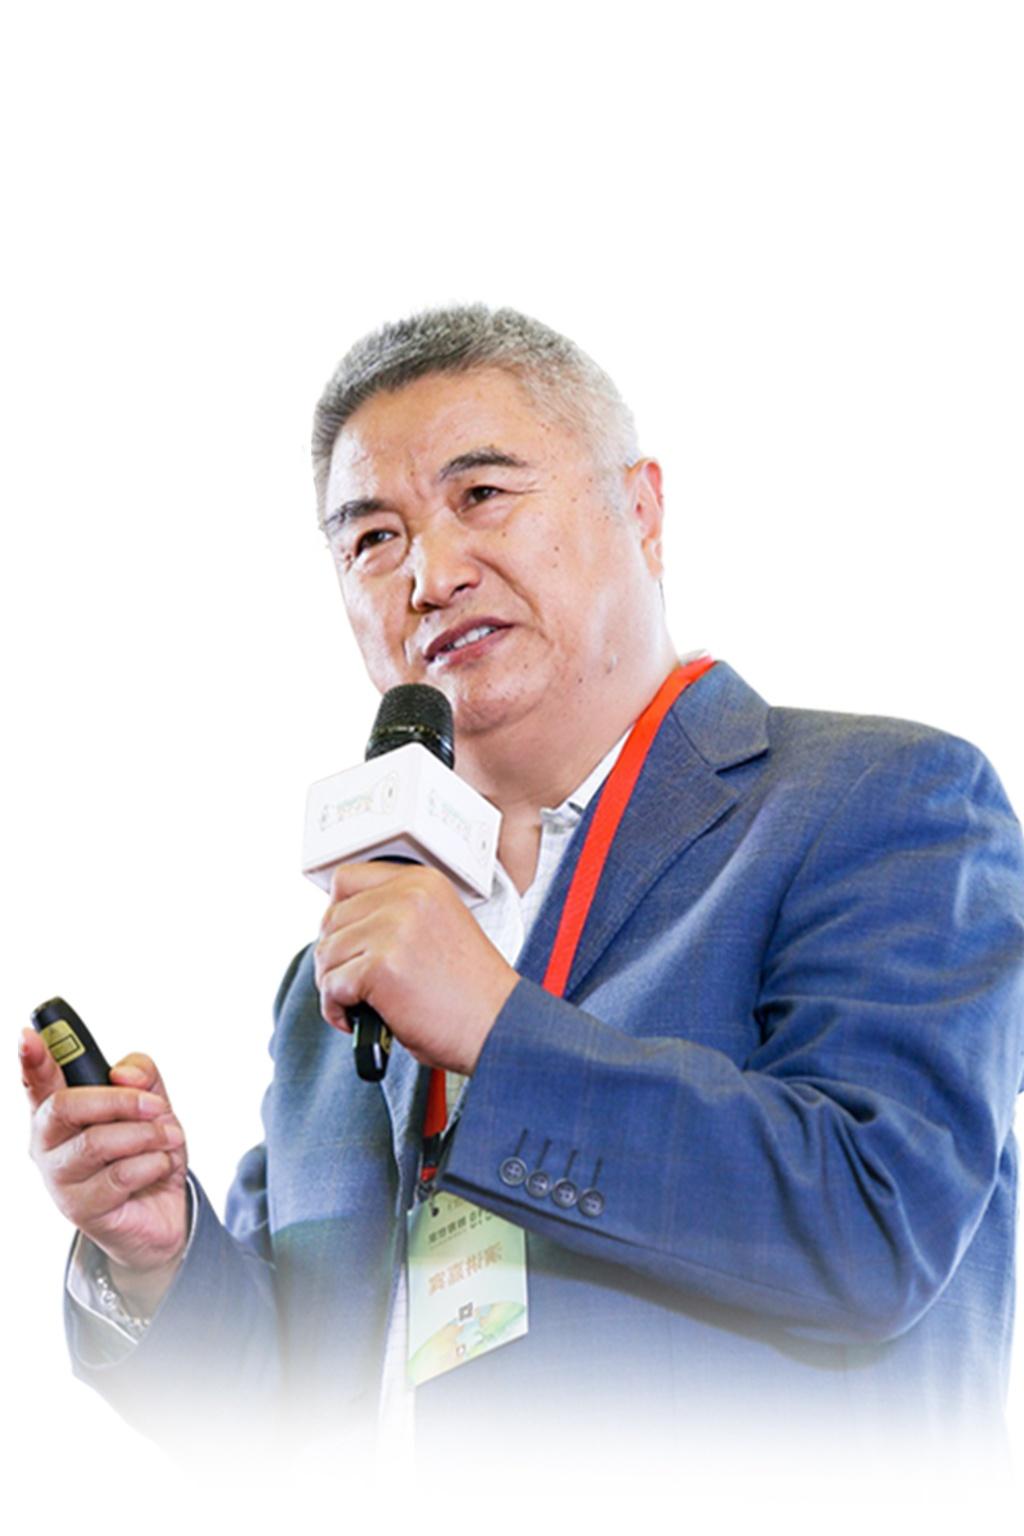 孫云曉 中國青少年研究中心家庭教育首席專家,首都師范大學特聘教授